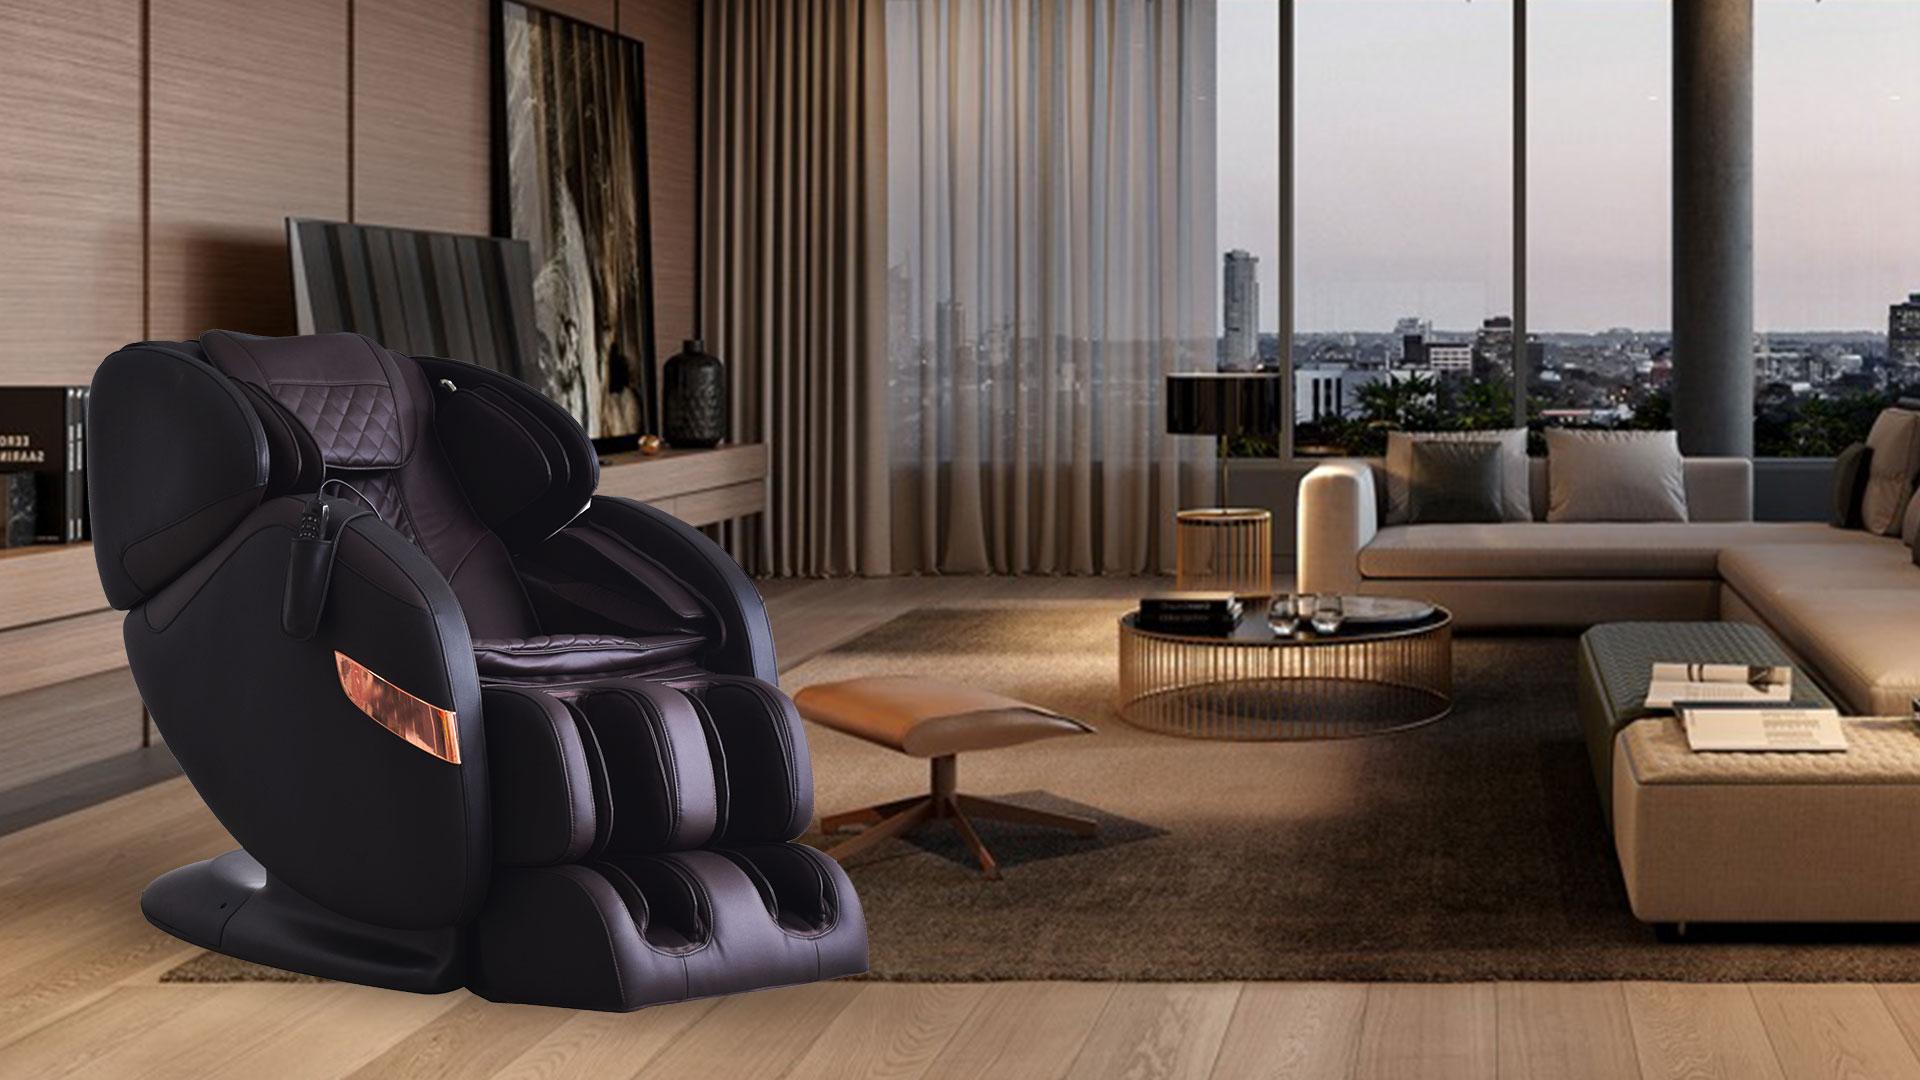 iSmart Massage Chair